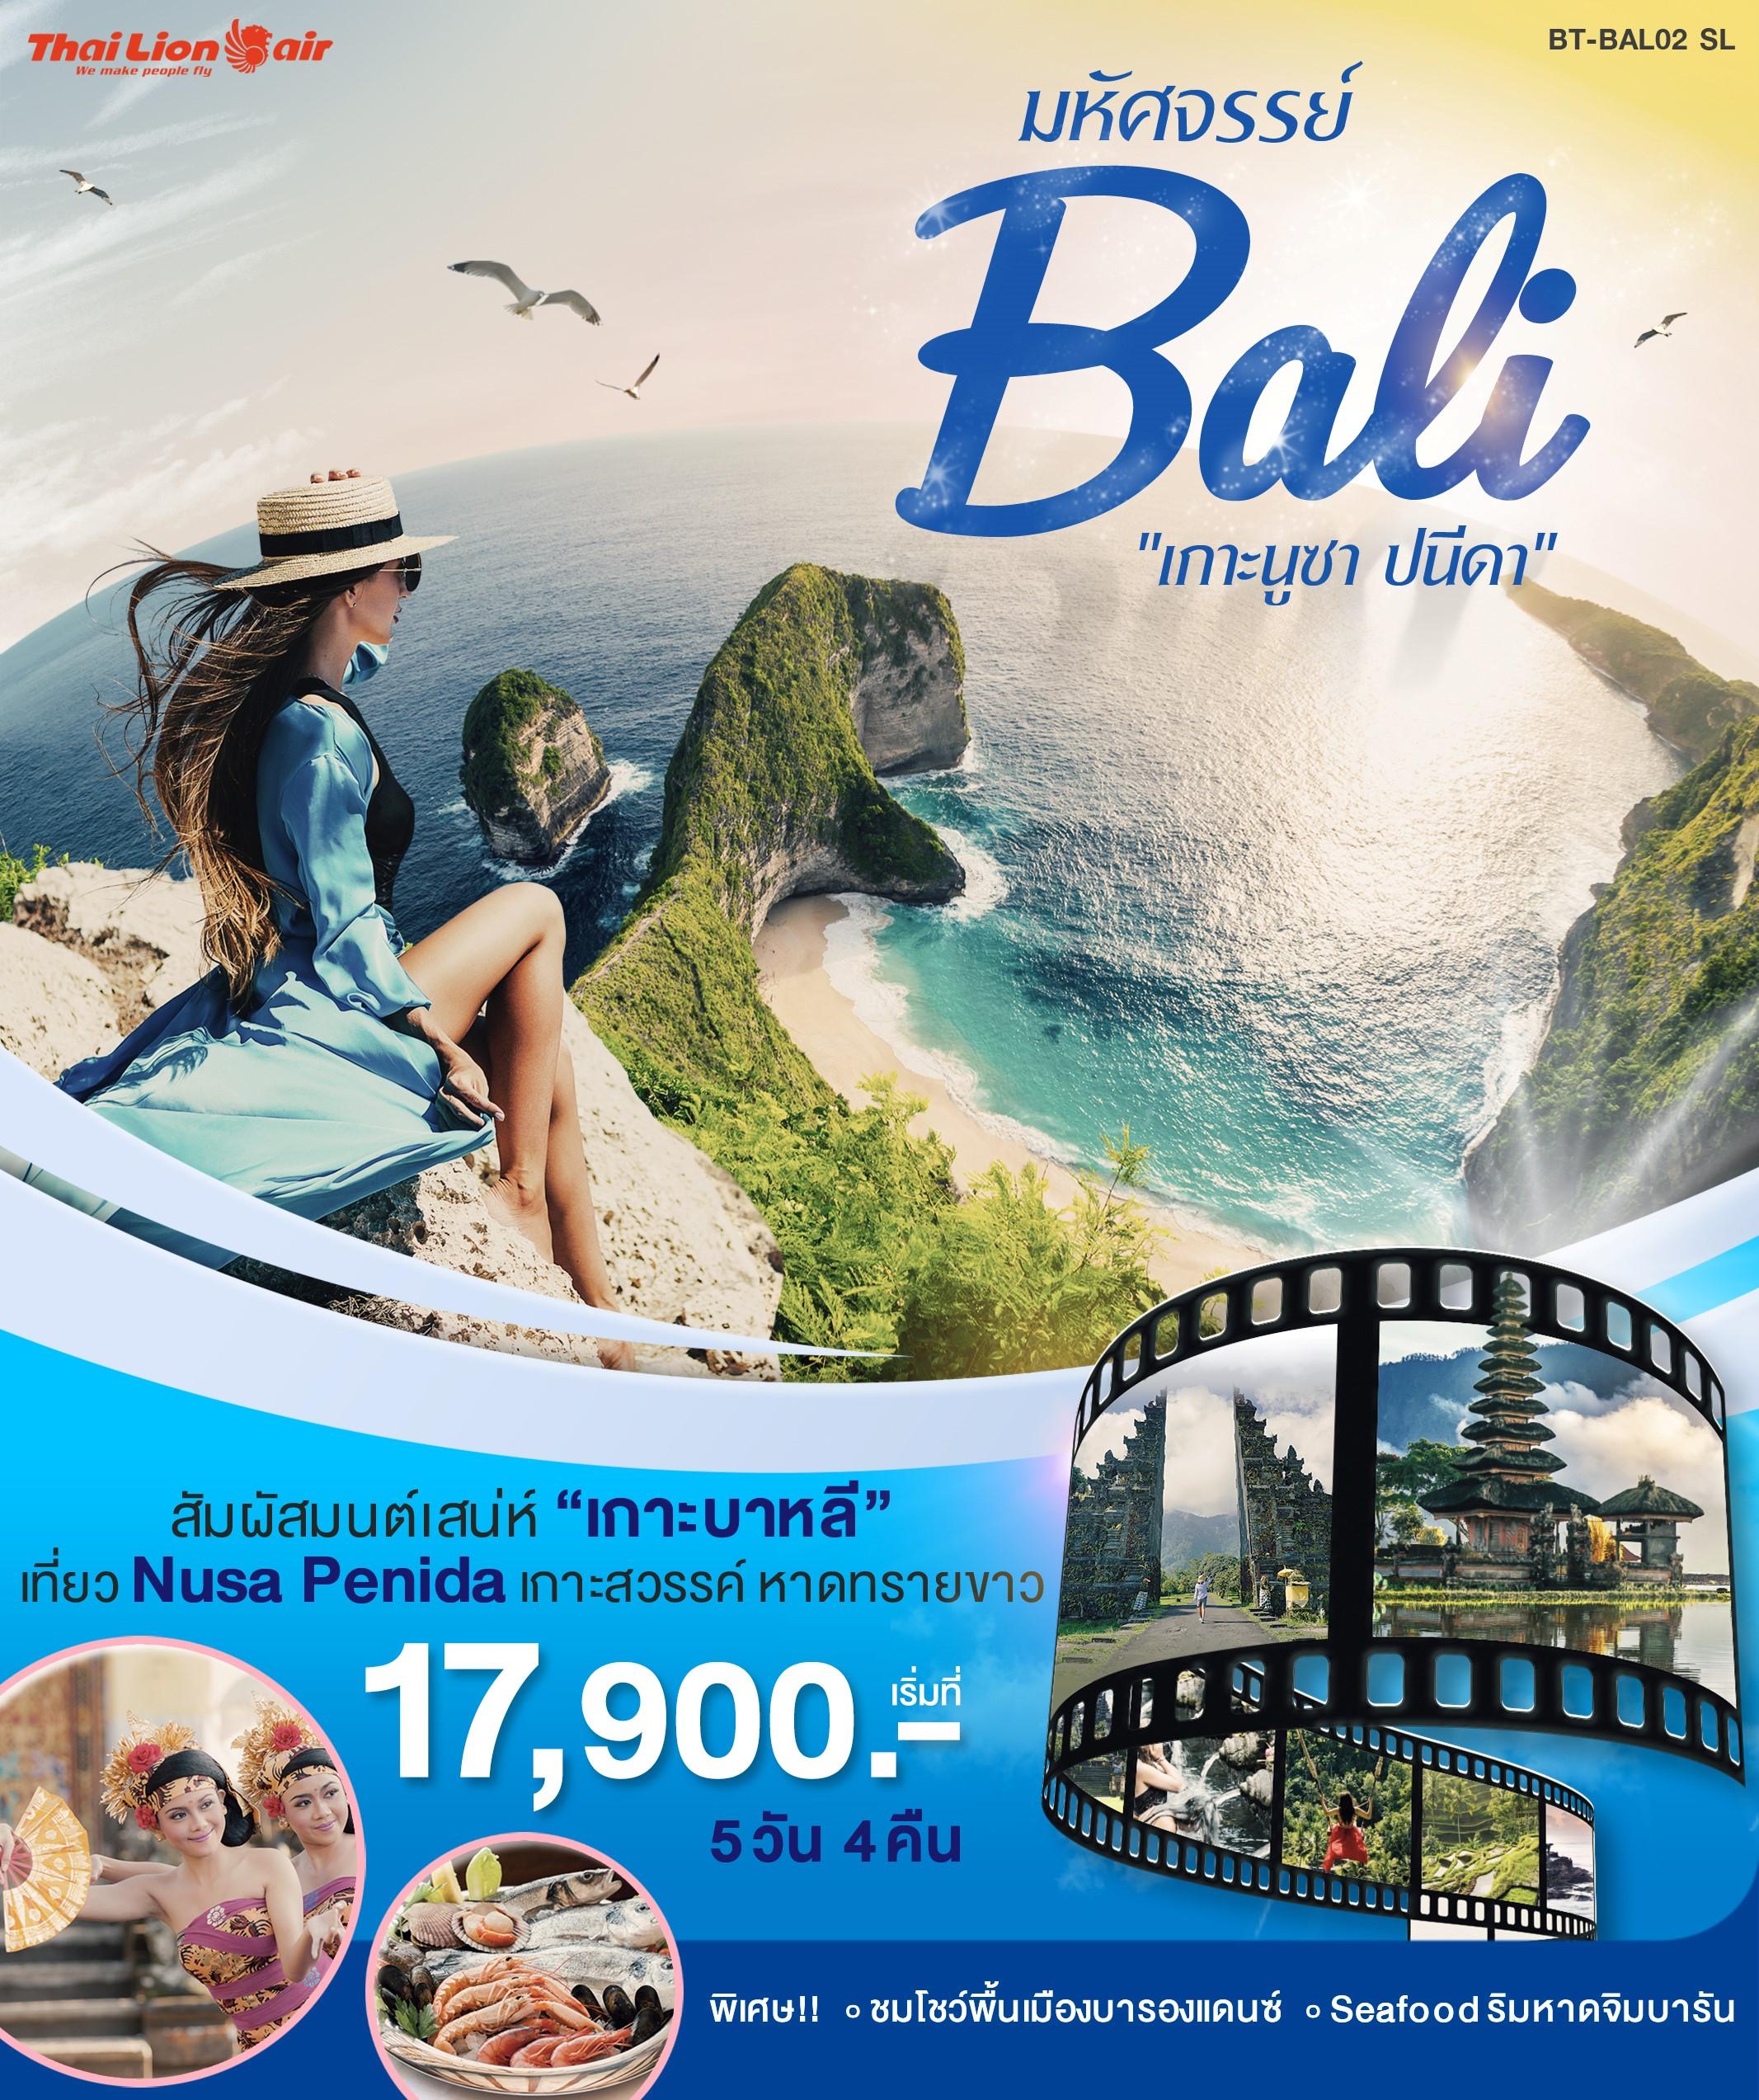 ทัวร์อินโดนีเซีย-มหัศจรรย์-BALI-เกาะนูซา-ปนีดา-5-วัน-4-คืน-(NOV19-FEB20)(BT-BALI02)